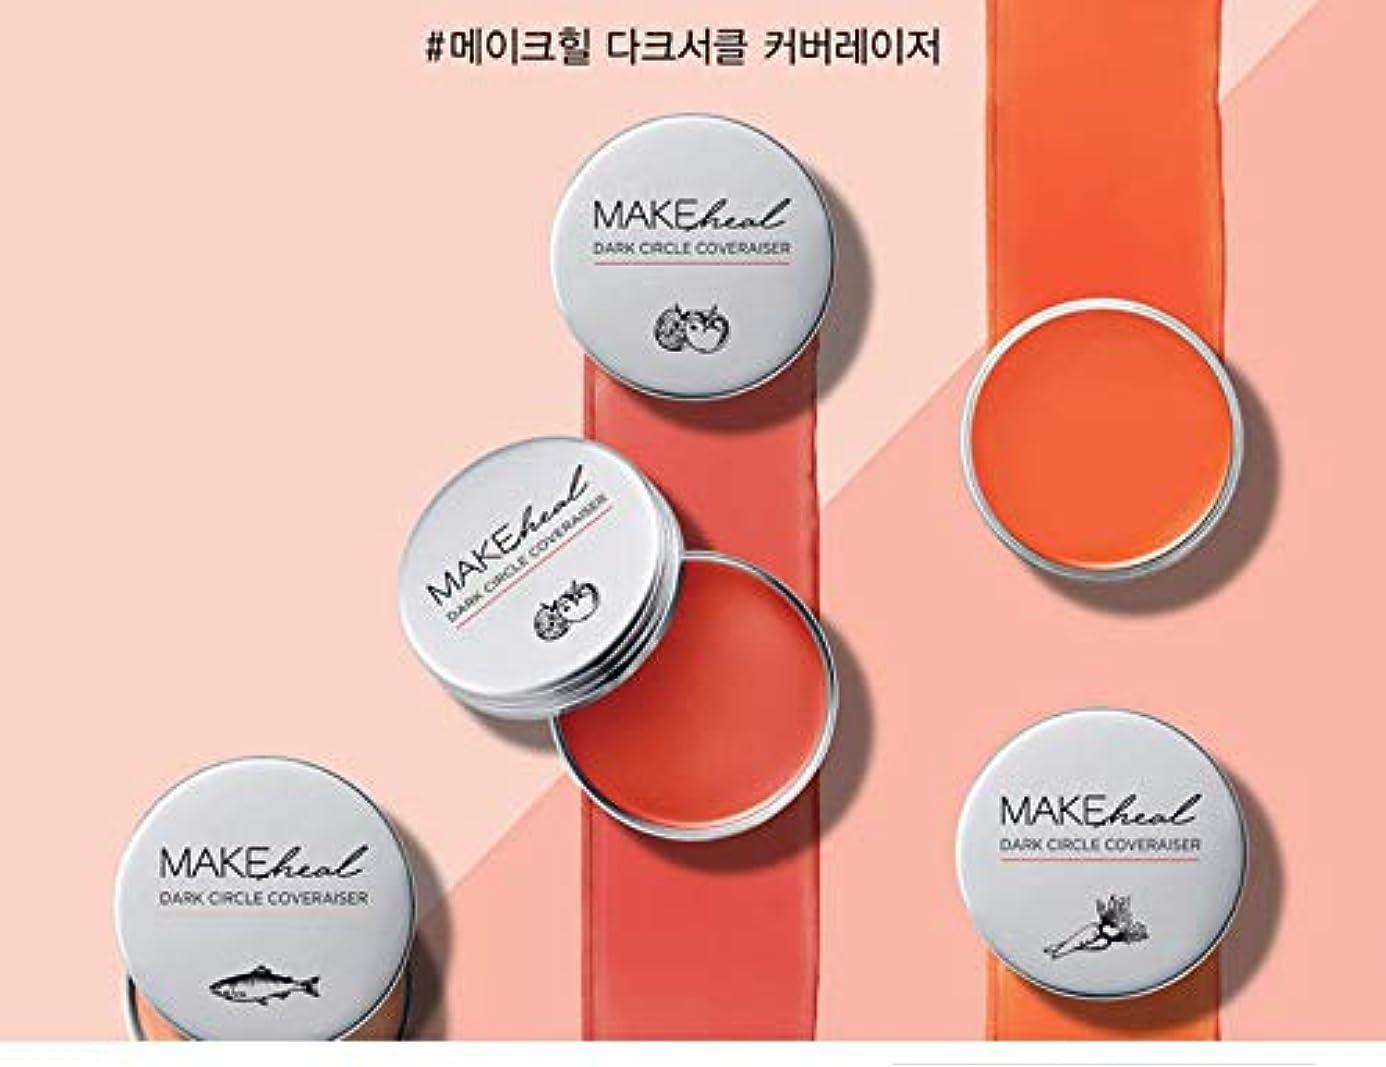 【メイクヒール.MAKEHEAL]ダークサークルをカバーレーザー(3種)/ DARK CIRCLE COVER RAISER (RD0701 CARRO ORANGET)